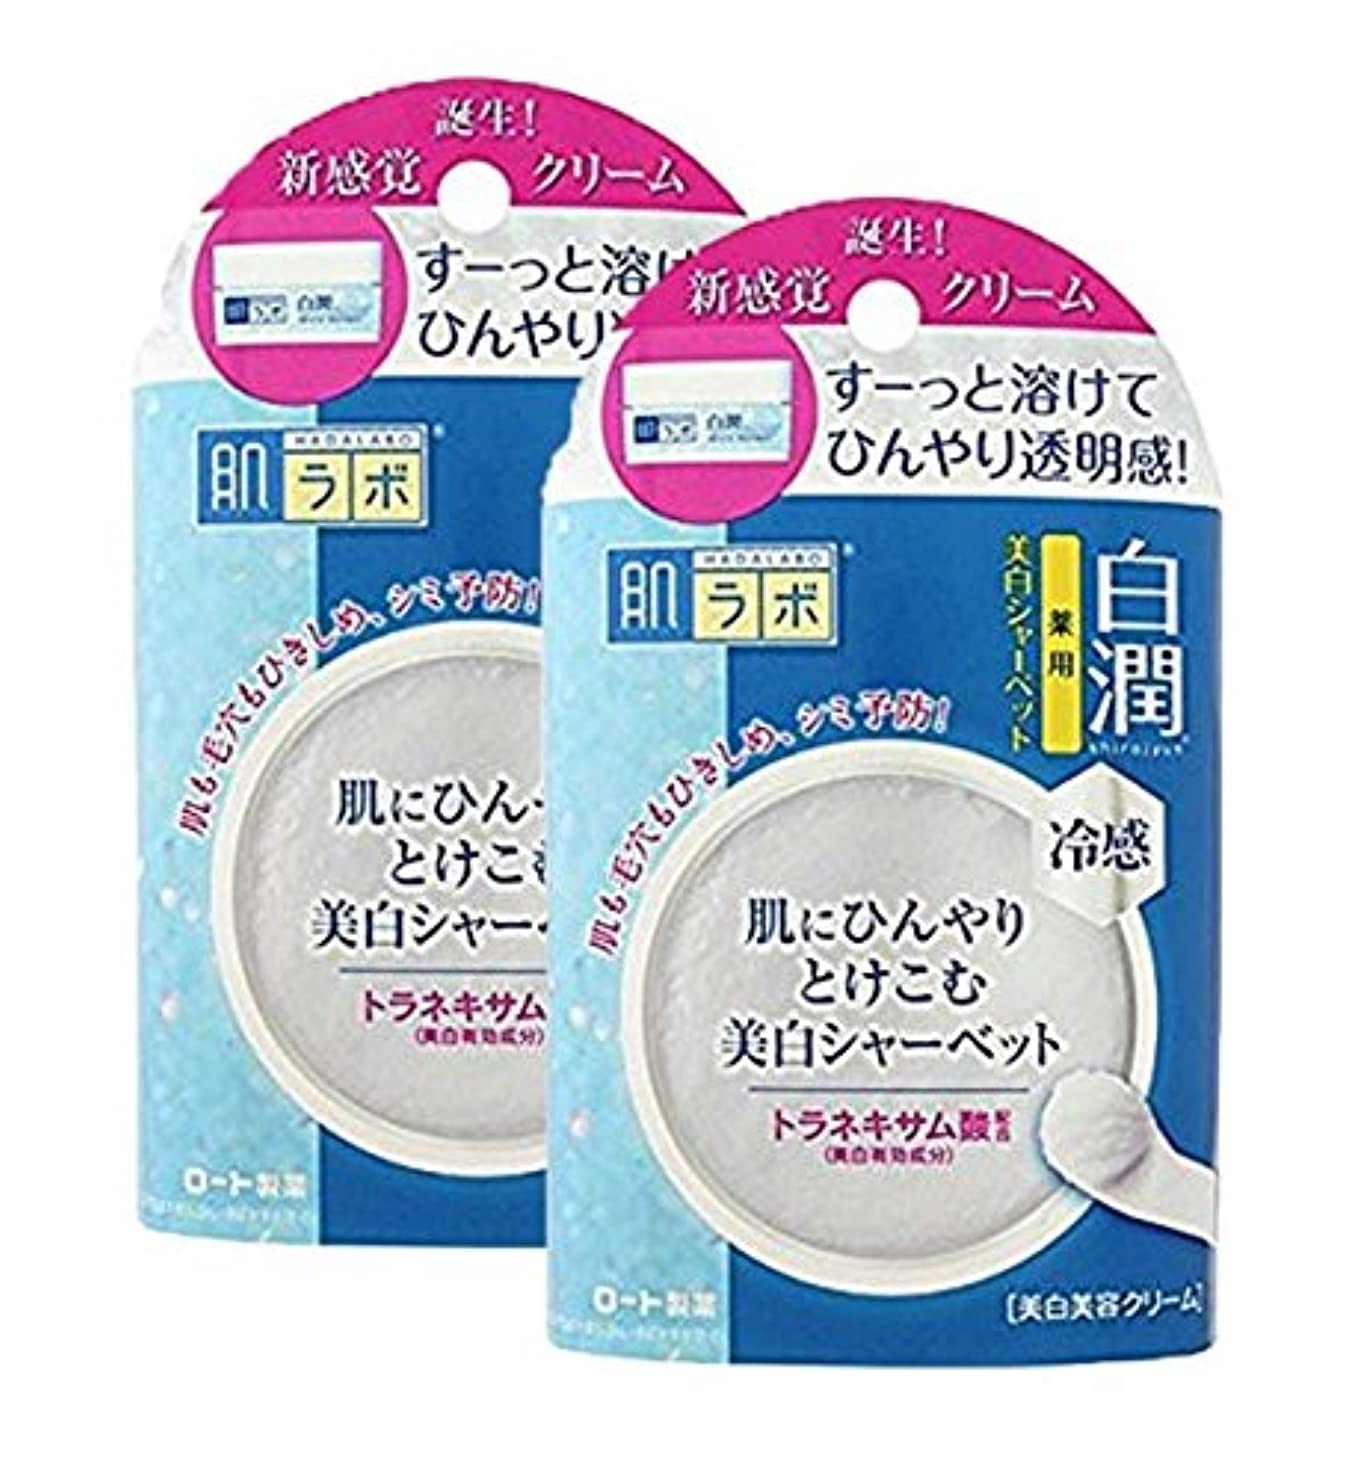 もちろんサリーボーカル肌ラボ 白潤 冷感美白シャーベット30g (医薬部外品)×2